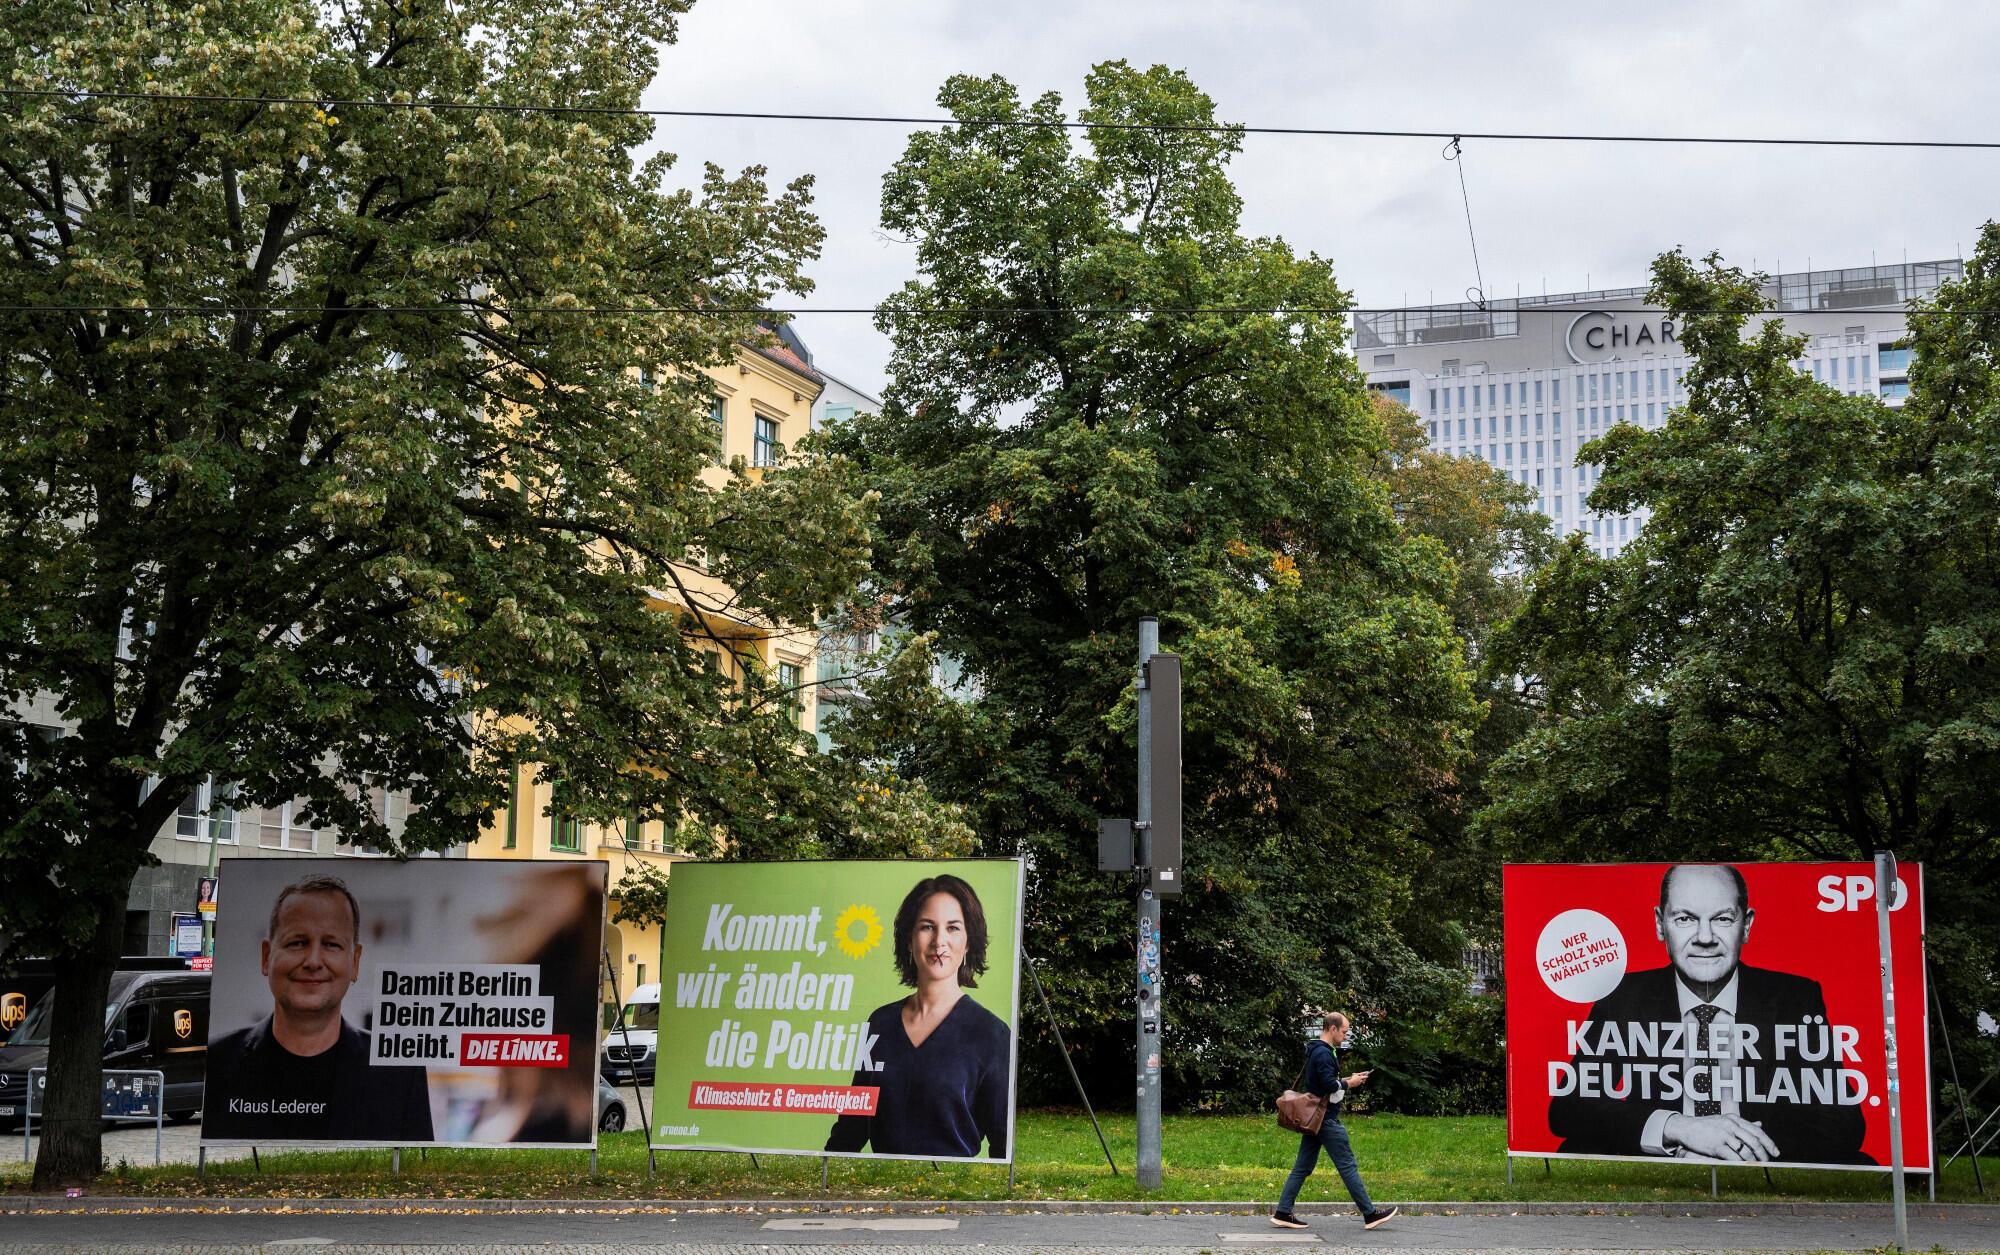 Verts - Die Grünen - SPD - Die Linke - Allemagne - campagne